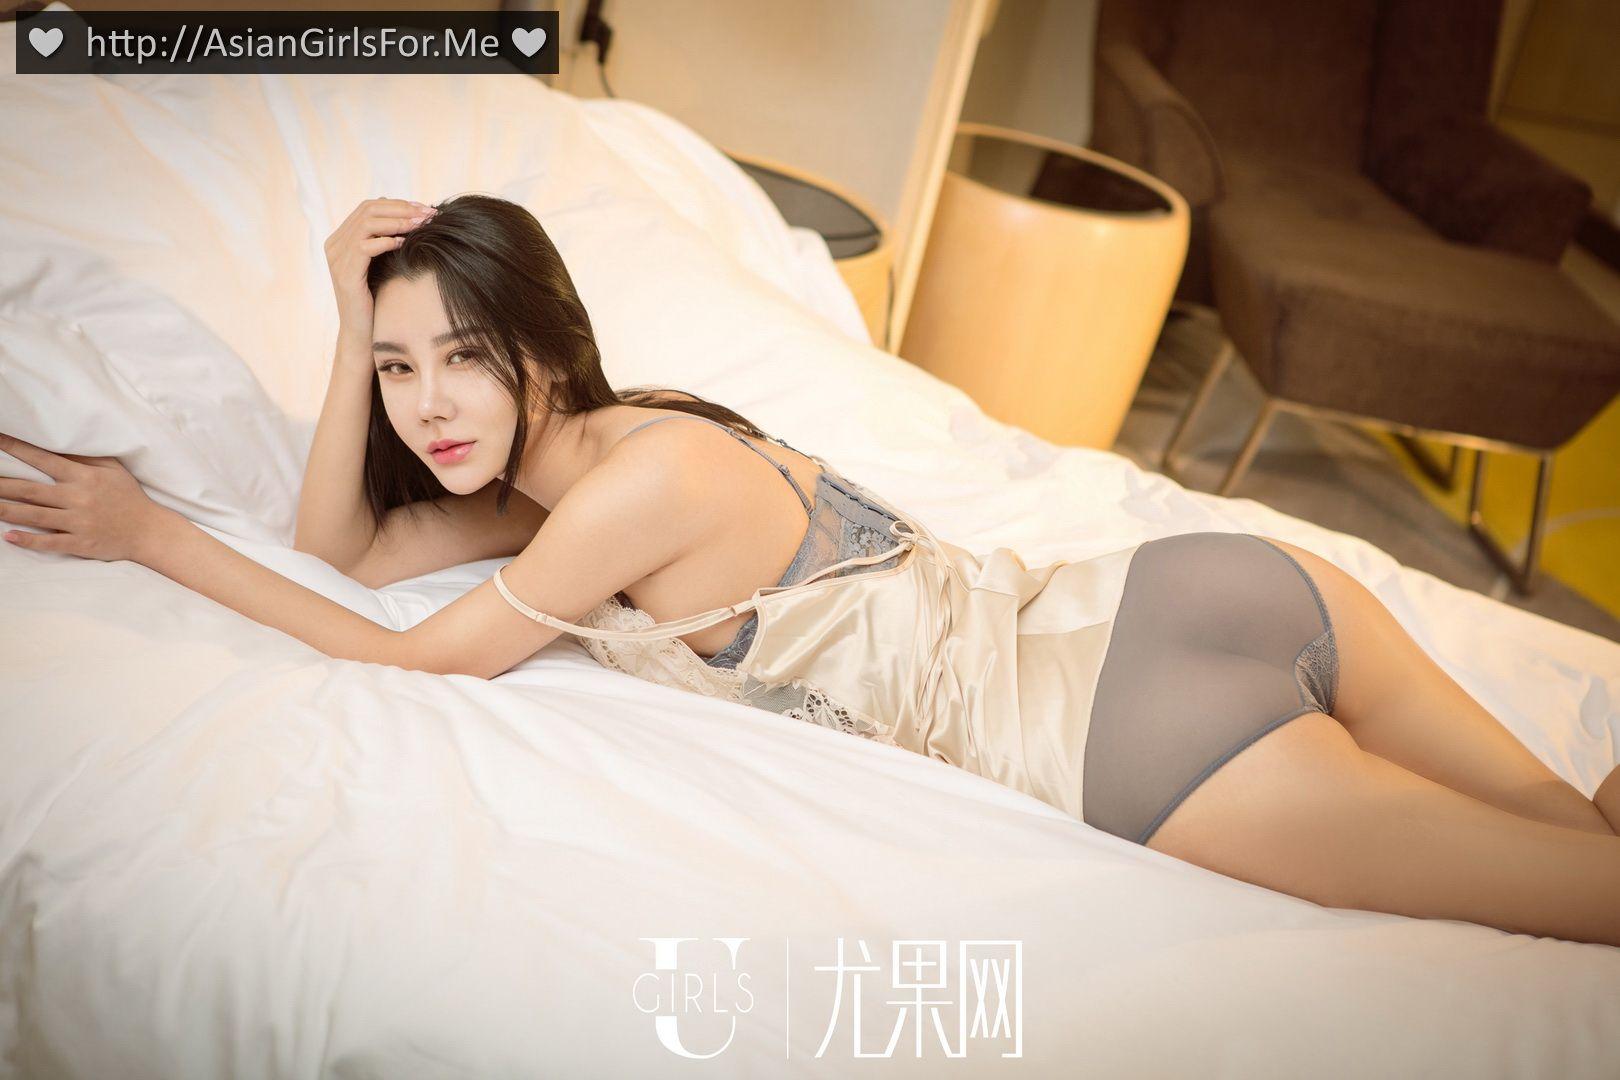 Asian erotic site